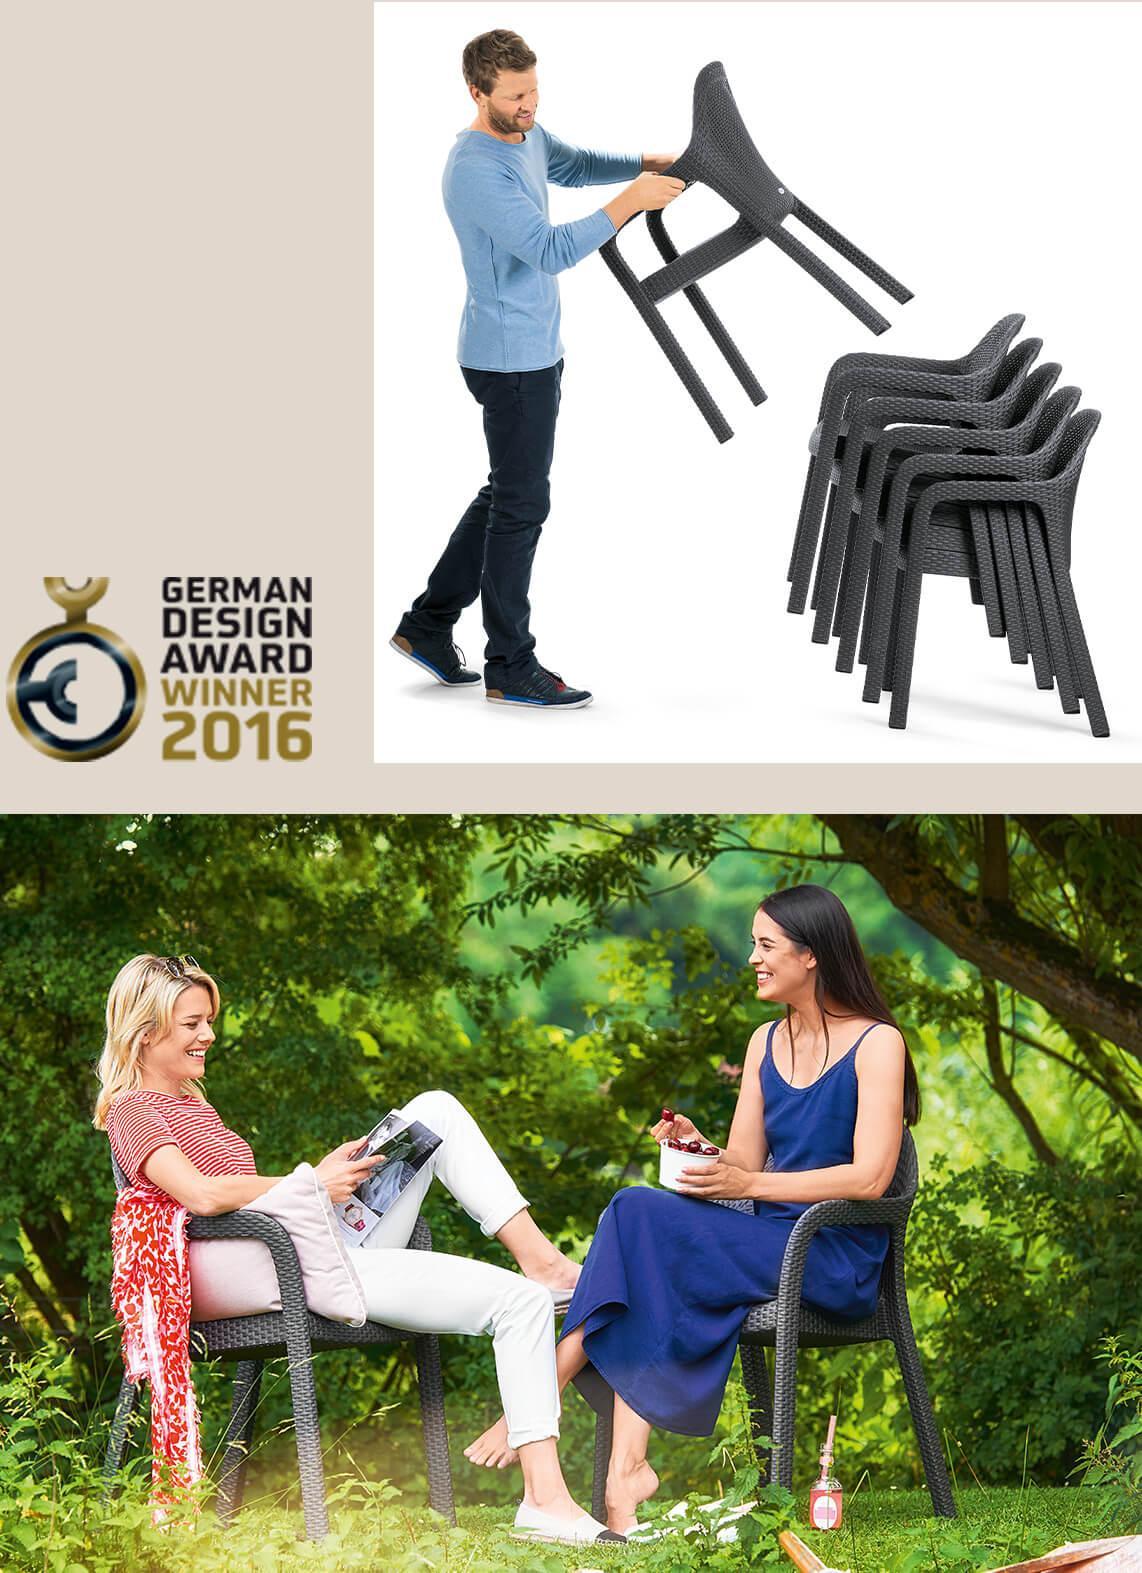 'I ragazzi impilano semplicemente diverse sedie Lechuza una sopra l'altra. Due amici siedono sulle sedie sull'erba sotto una pianta